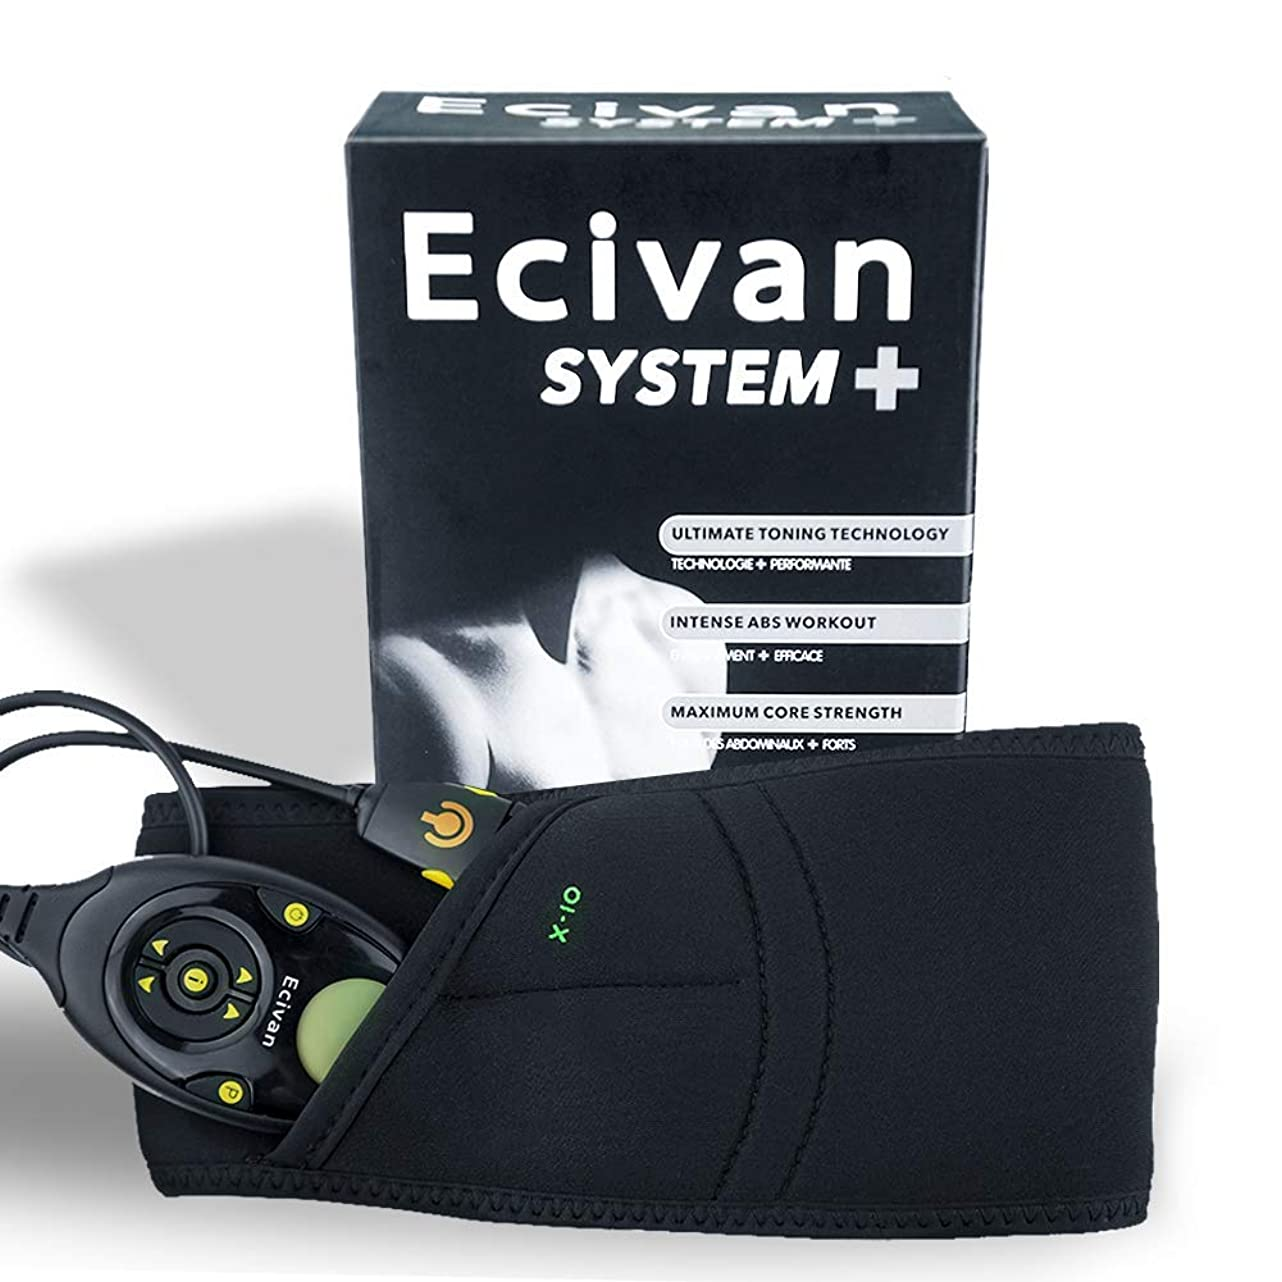 スキャンダル芽上向きEcivan EMS 腹筋ベルトボディフィットスリム トレーニング 電気振動マッサージ 痩身マシン 電動器具腹巻き USB充電 150階段